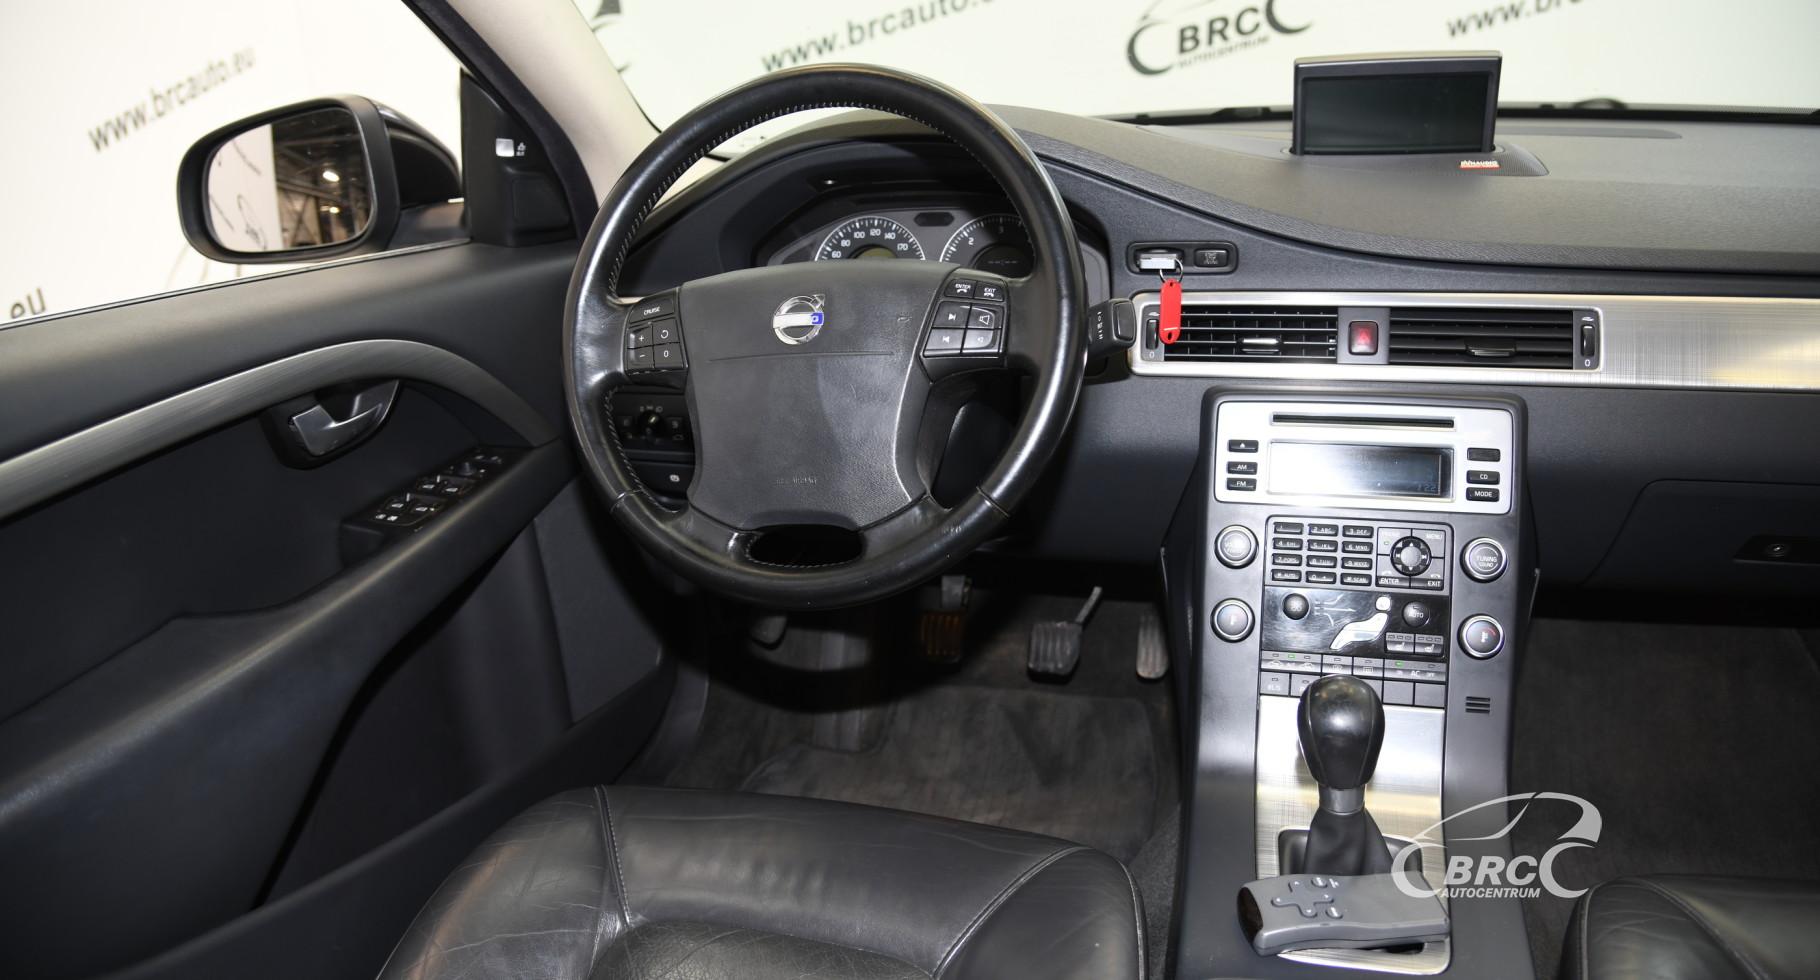 Volvo S80 2.4 D5